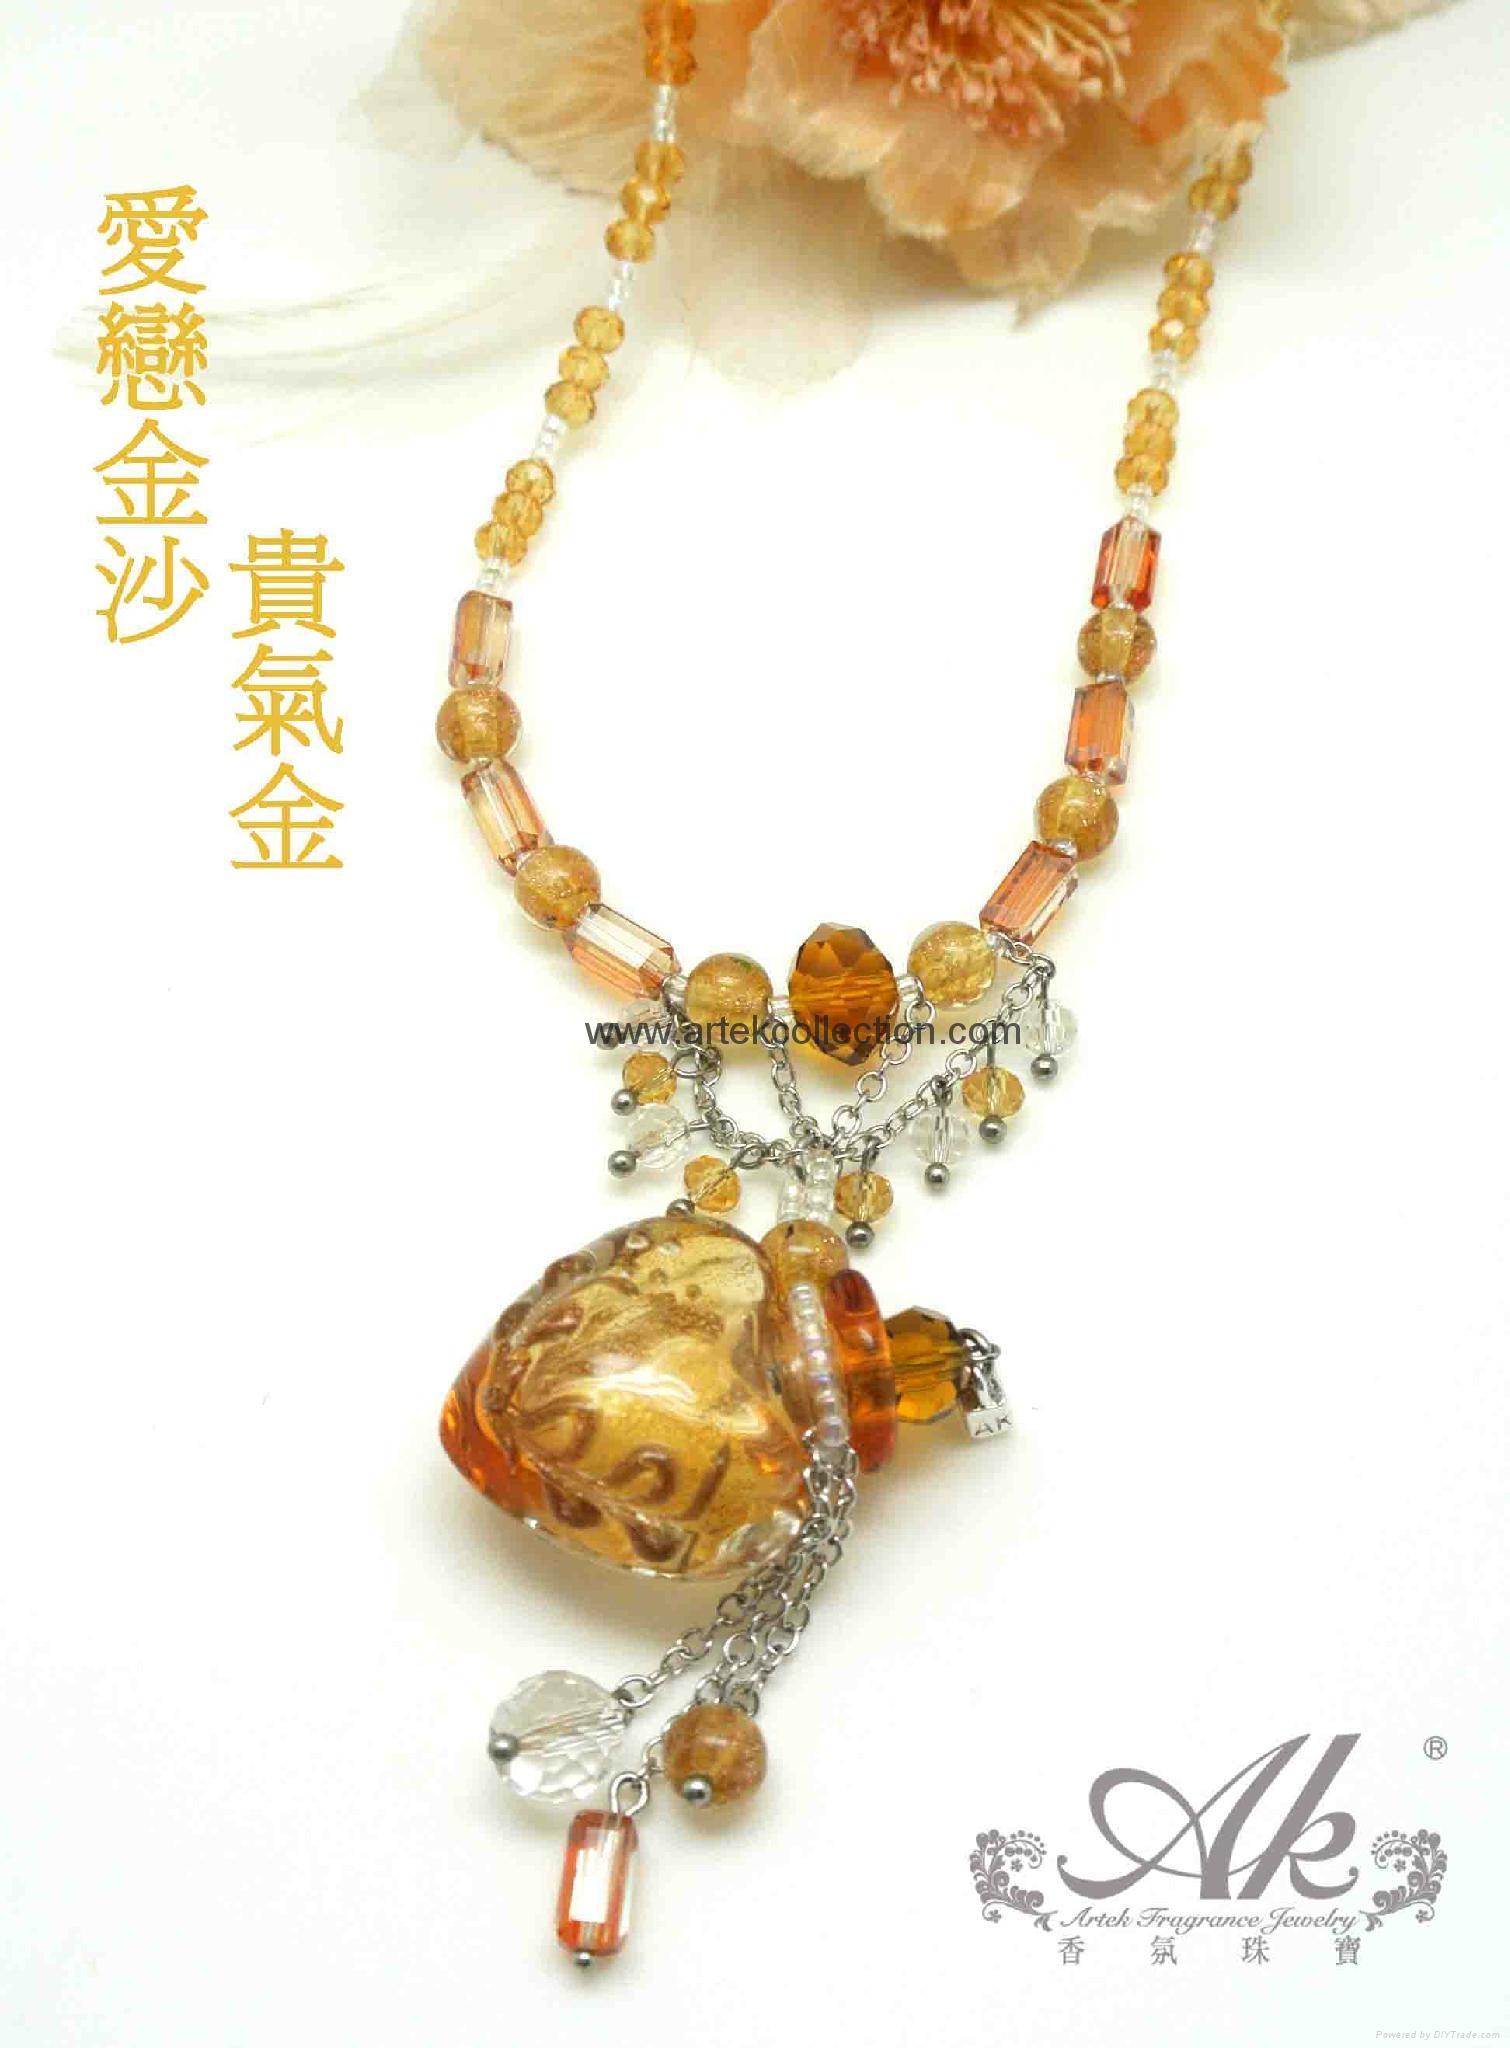 AN-836 爱恋金沙 2